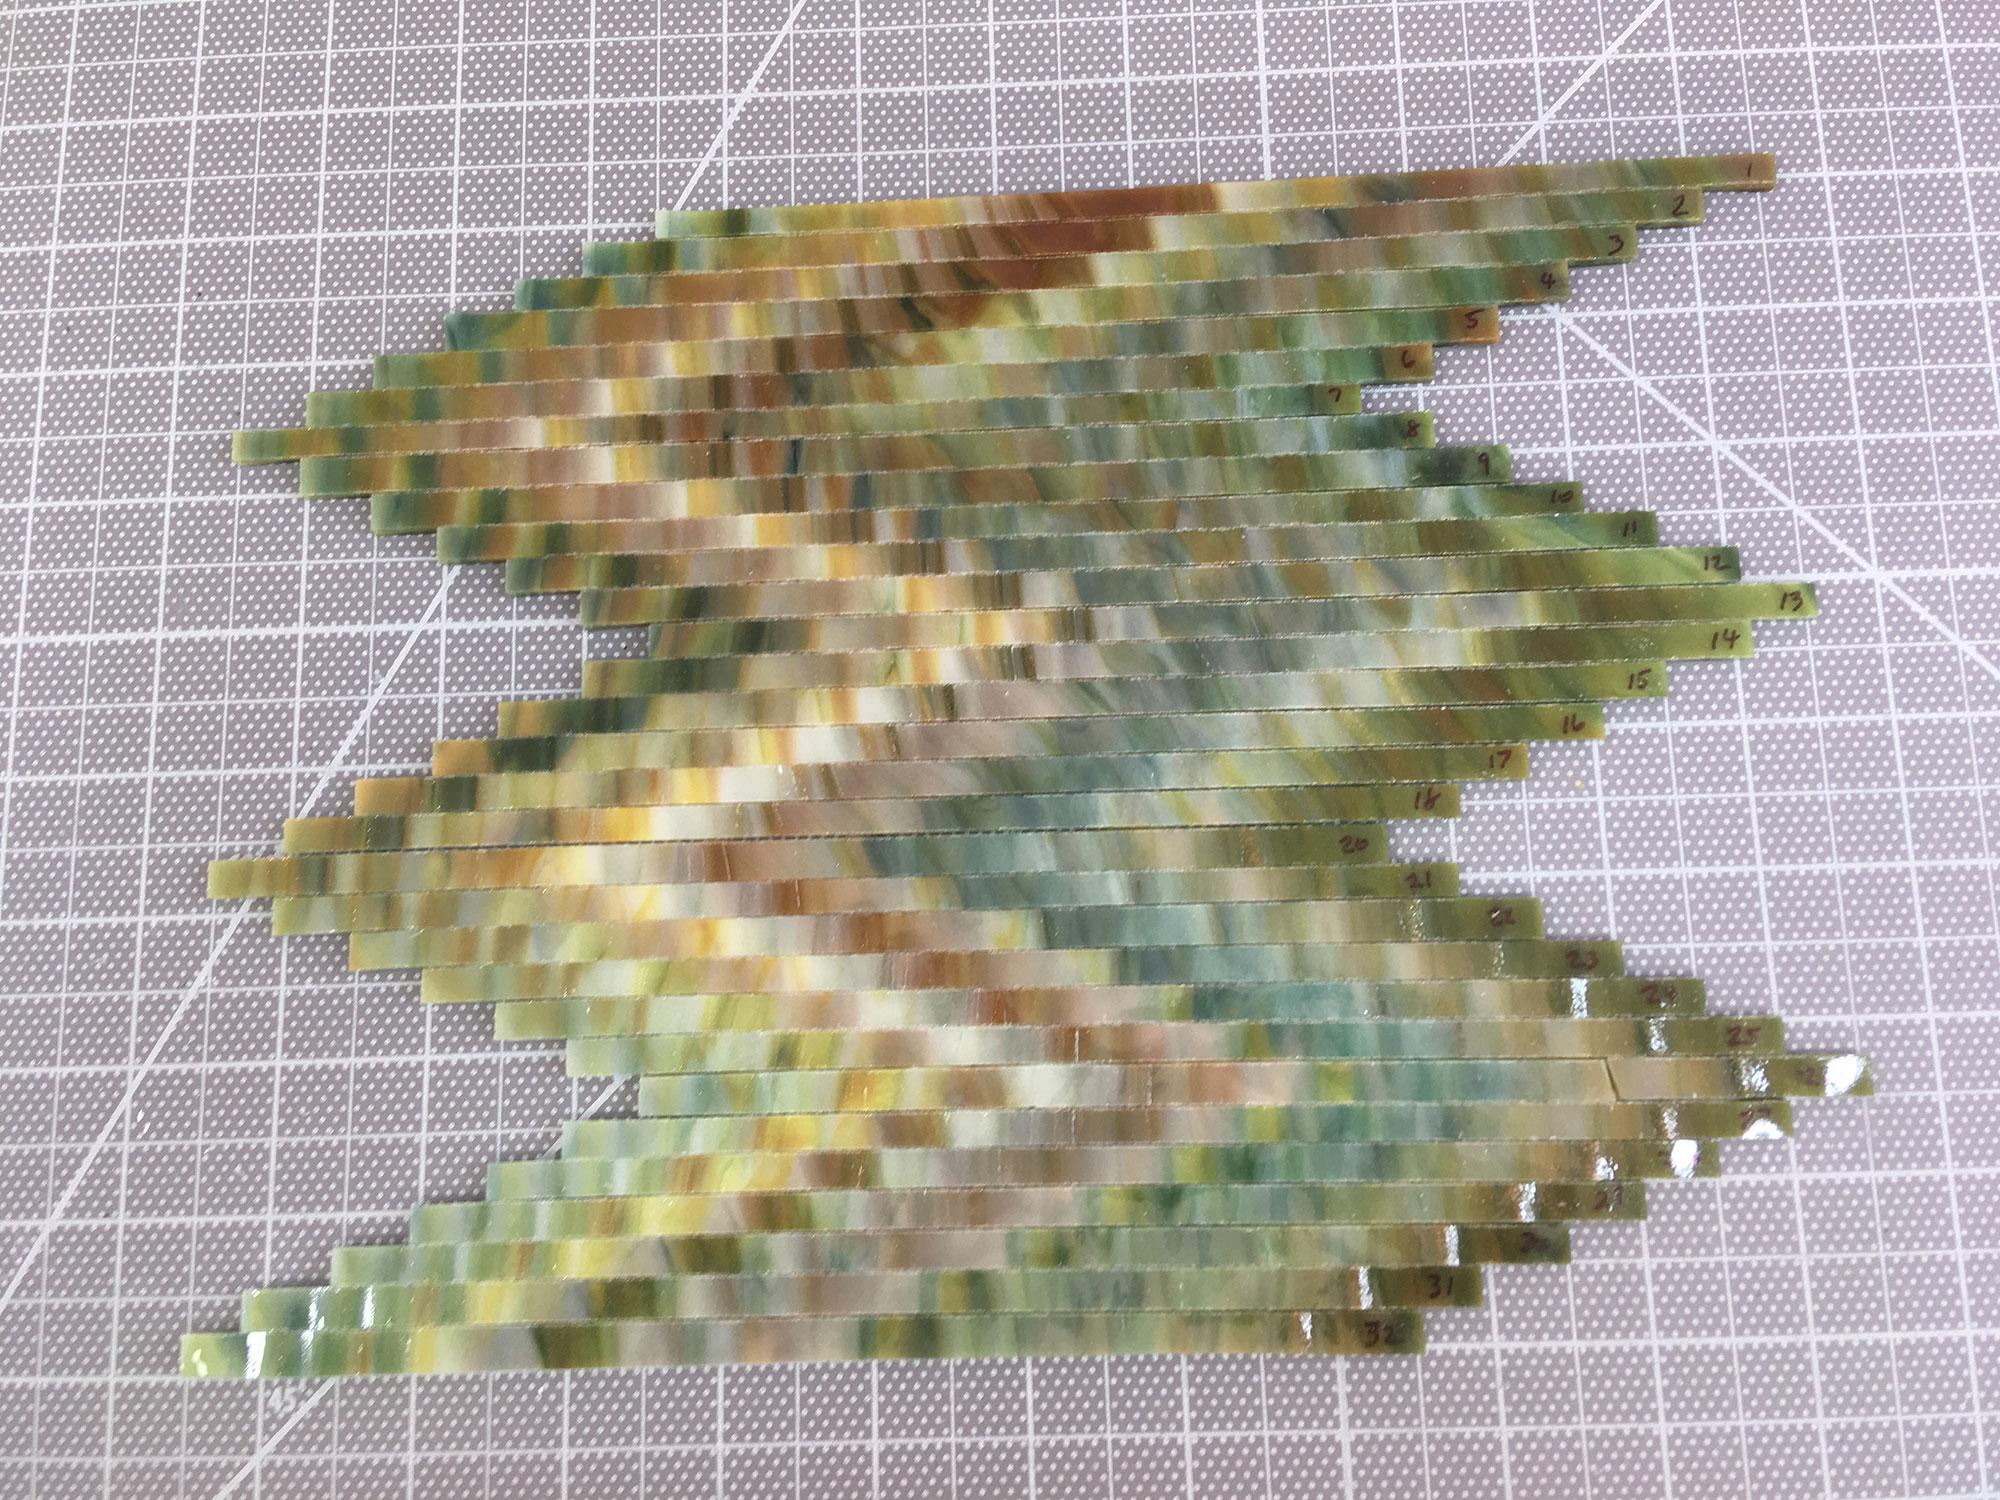 Different Ways to Arrange Strips